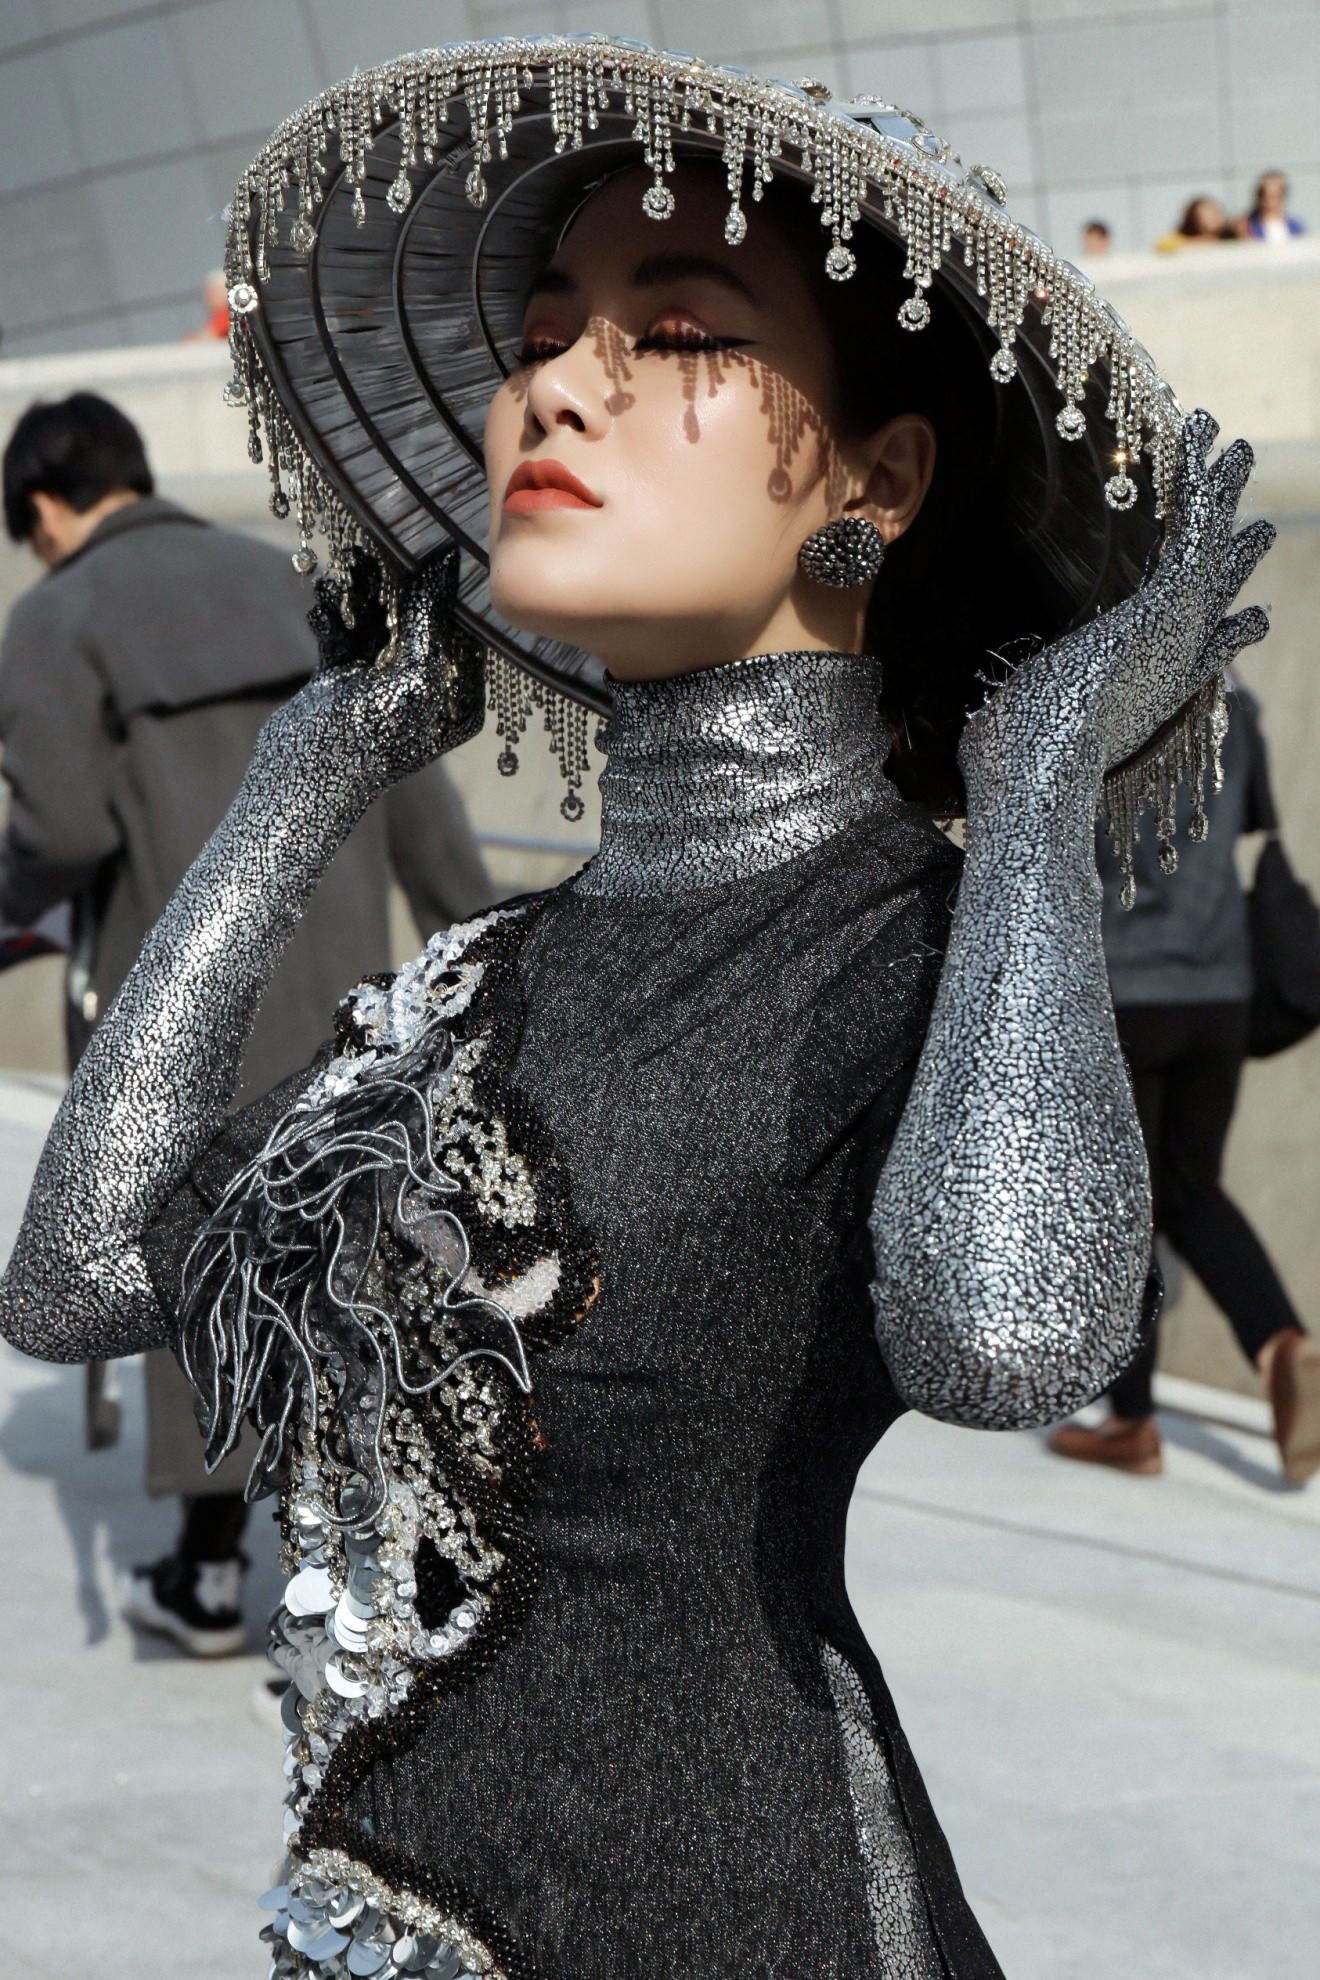 Giới mộ điệu ngỡ ngàng khi Hoa hậu Áo dài Tuyết Nga đem áo dài đính rồng kim loại đến Seoul Fashion Week 2019 - Ảnh 4.